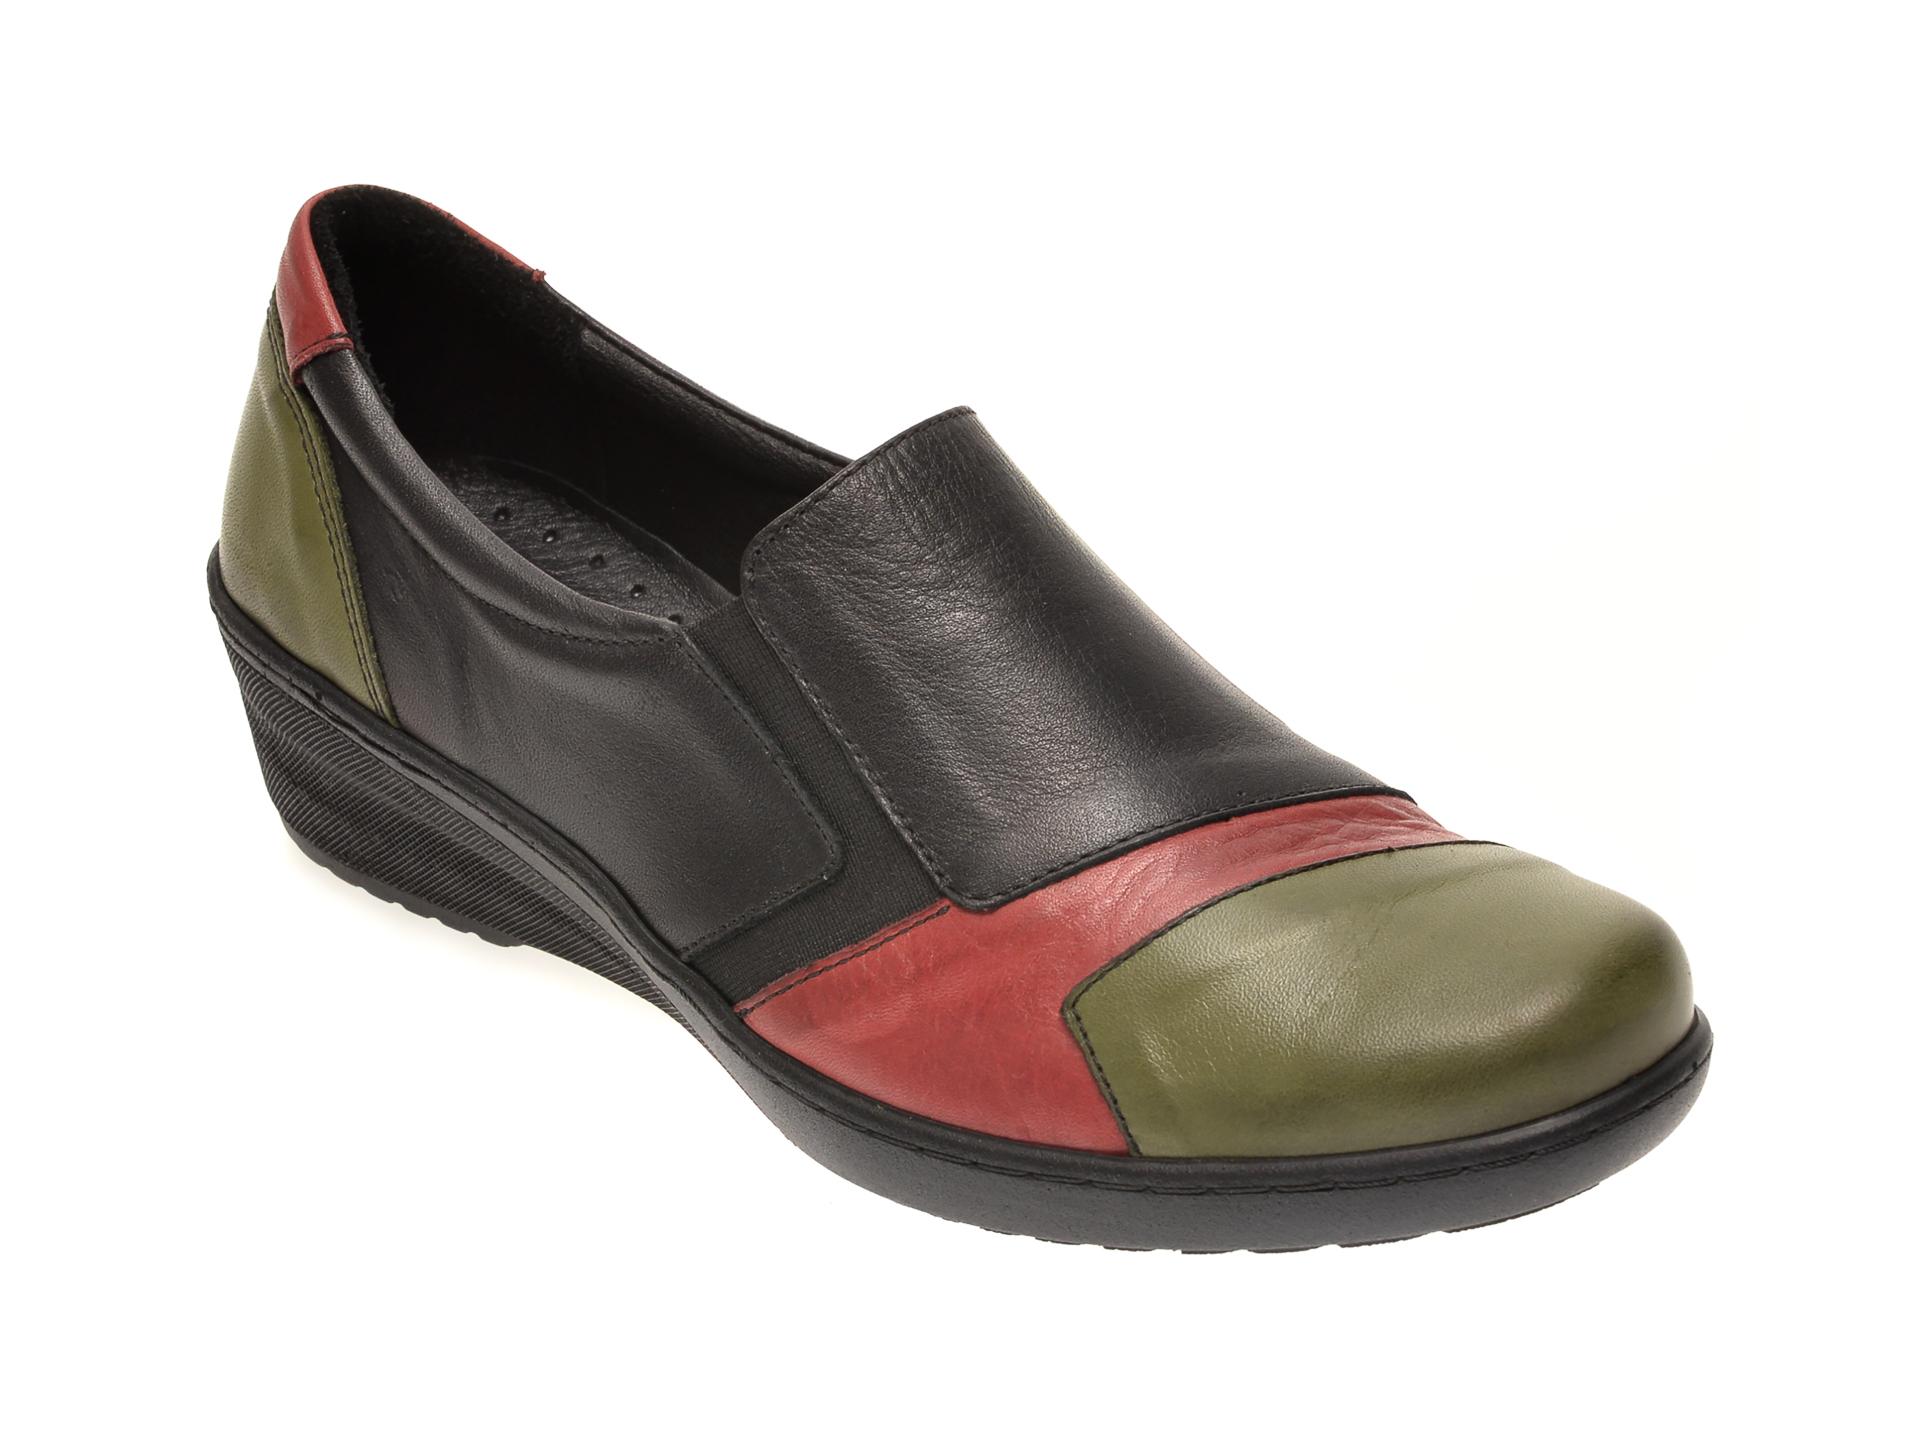 Pantofi PASS COLLECTION negri, 46218, din piele naturala imagine